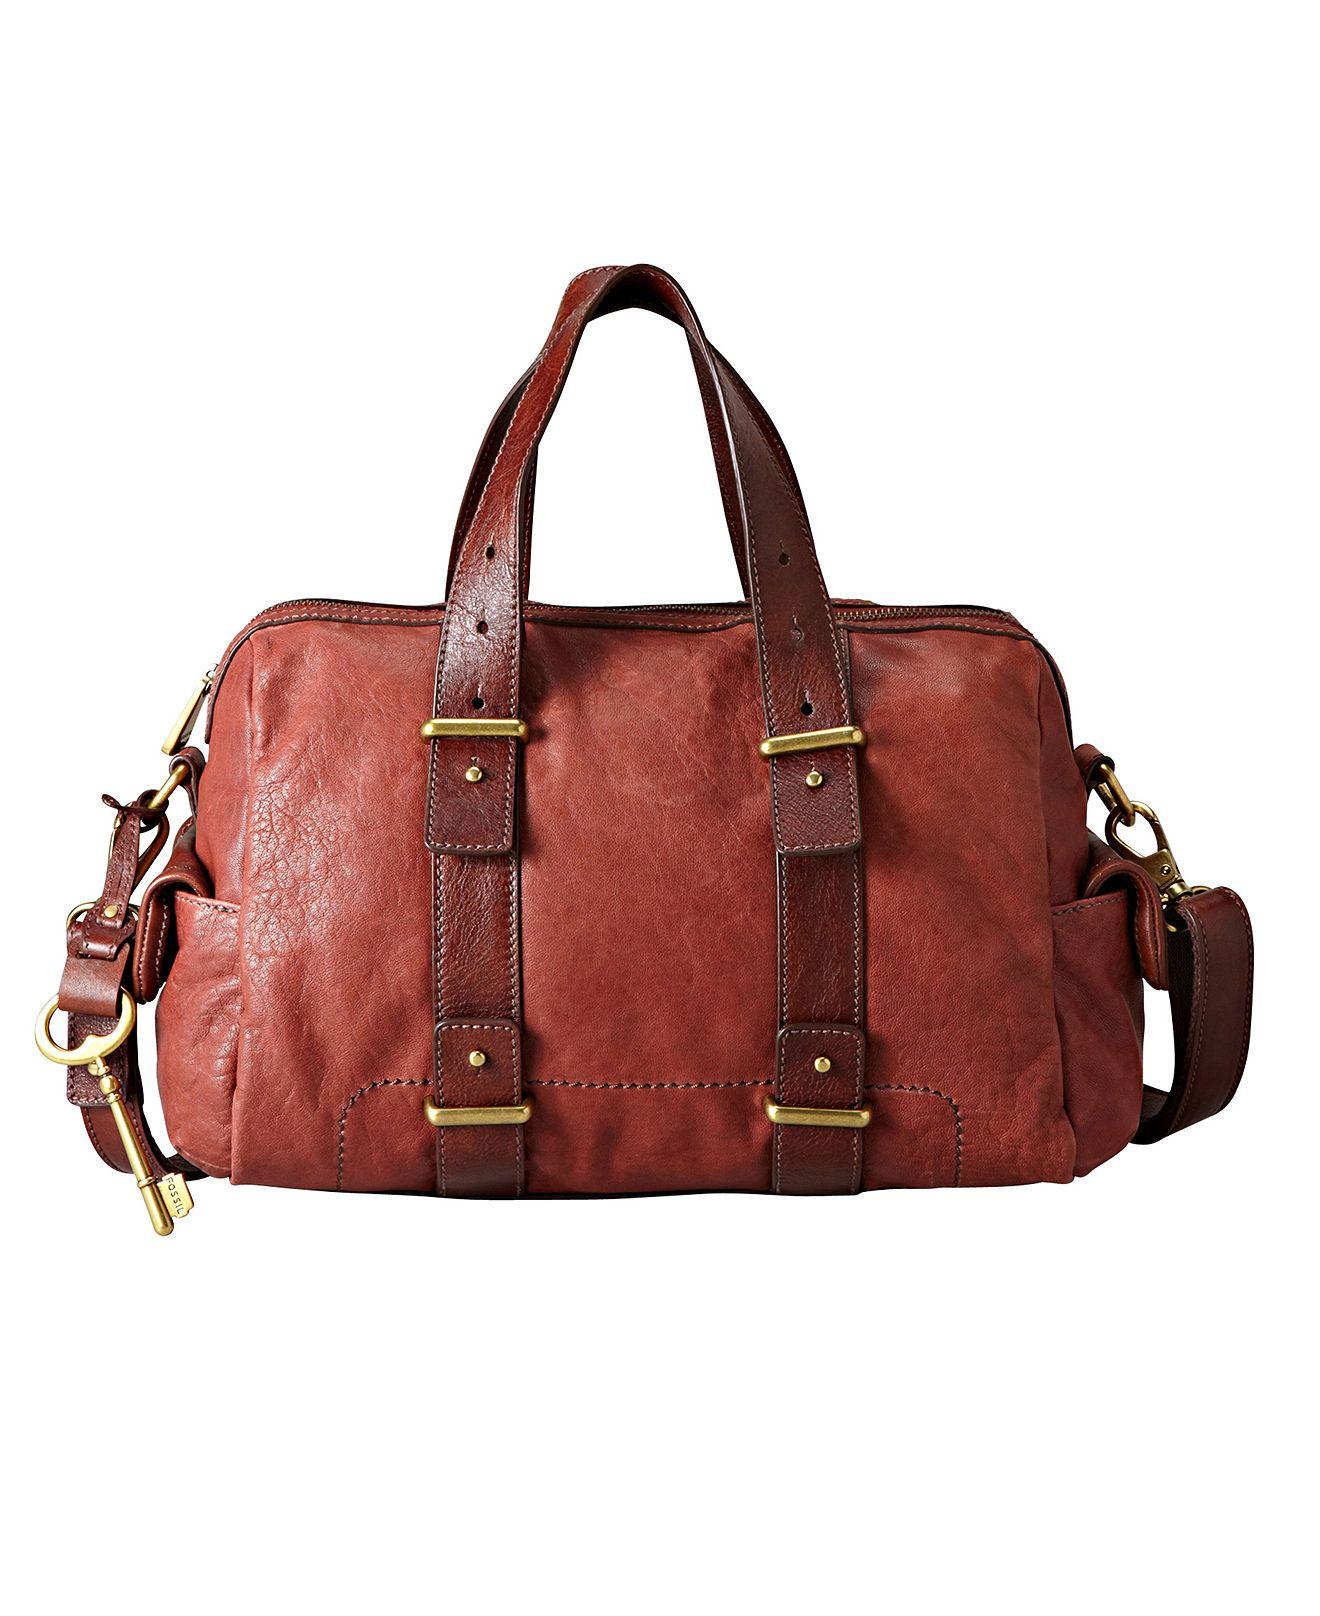 Fossil Handbag Mason Satchel